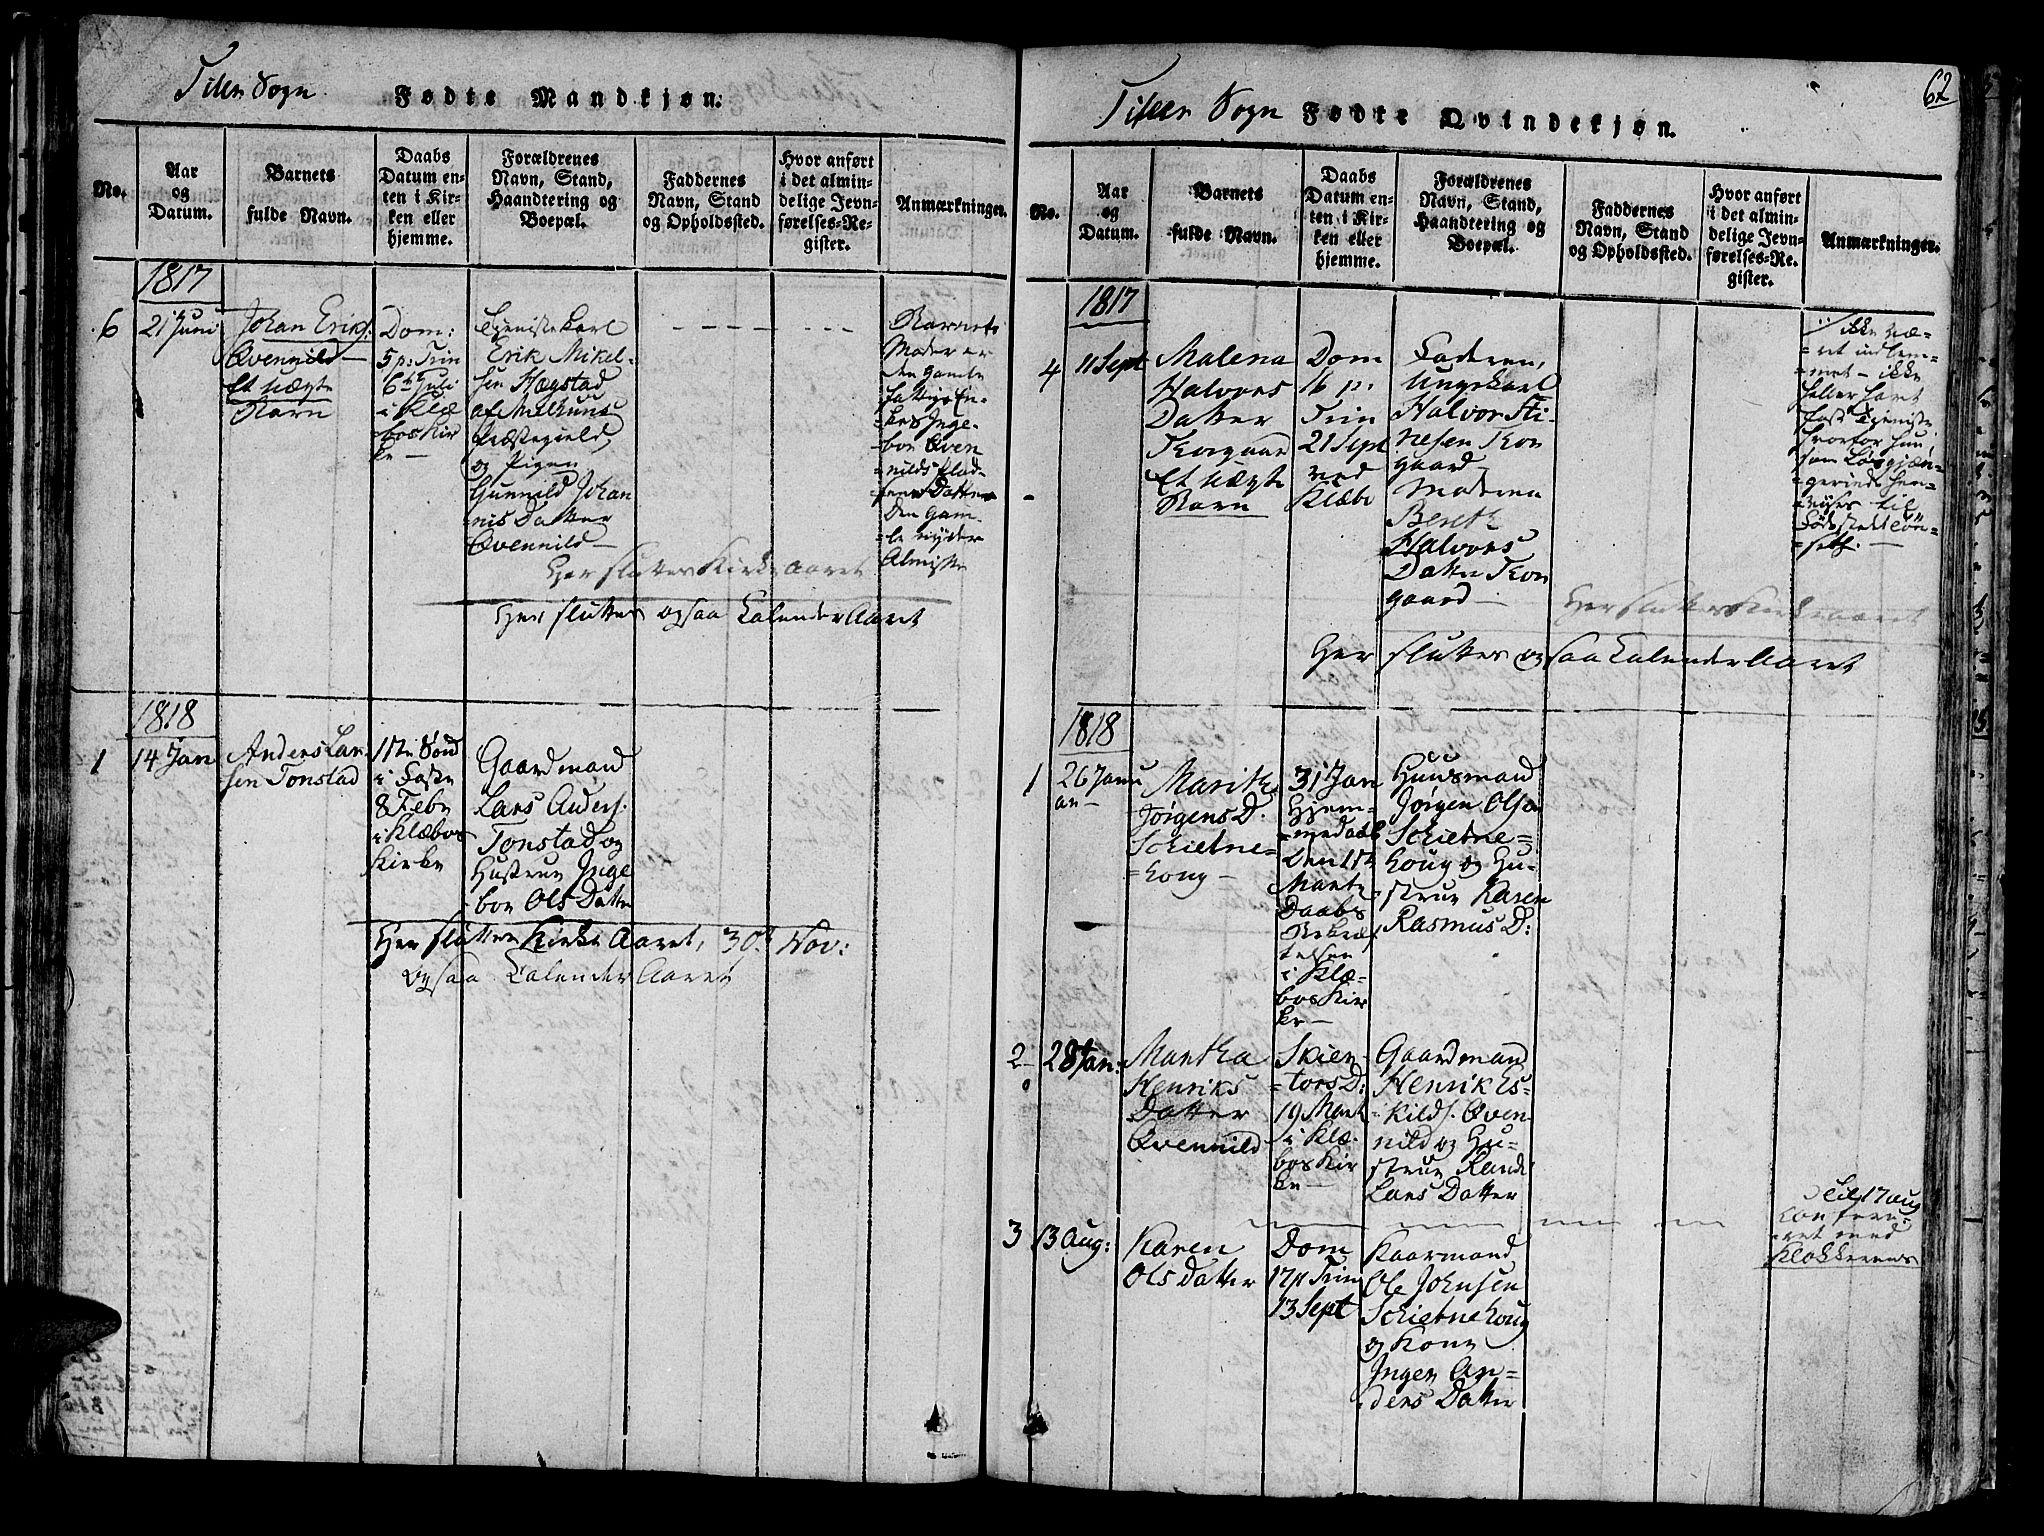 SAT, Ministerialprotokoller, klokkerbøker og fødselsregistre - Sør-Trøndelag, 618/L0440: Ministerialbok nr. 618A04 /2, 1816-1843, s. 62